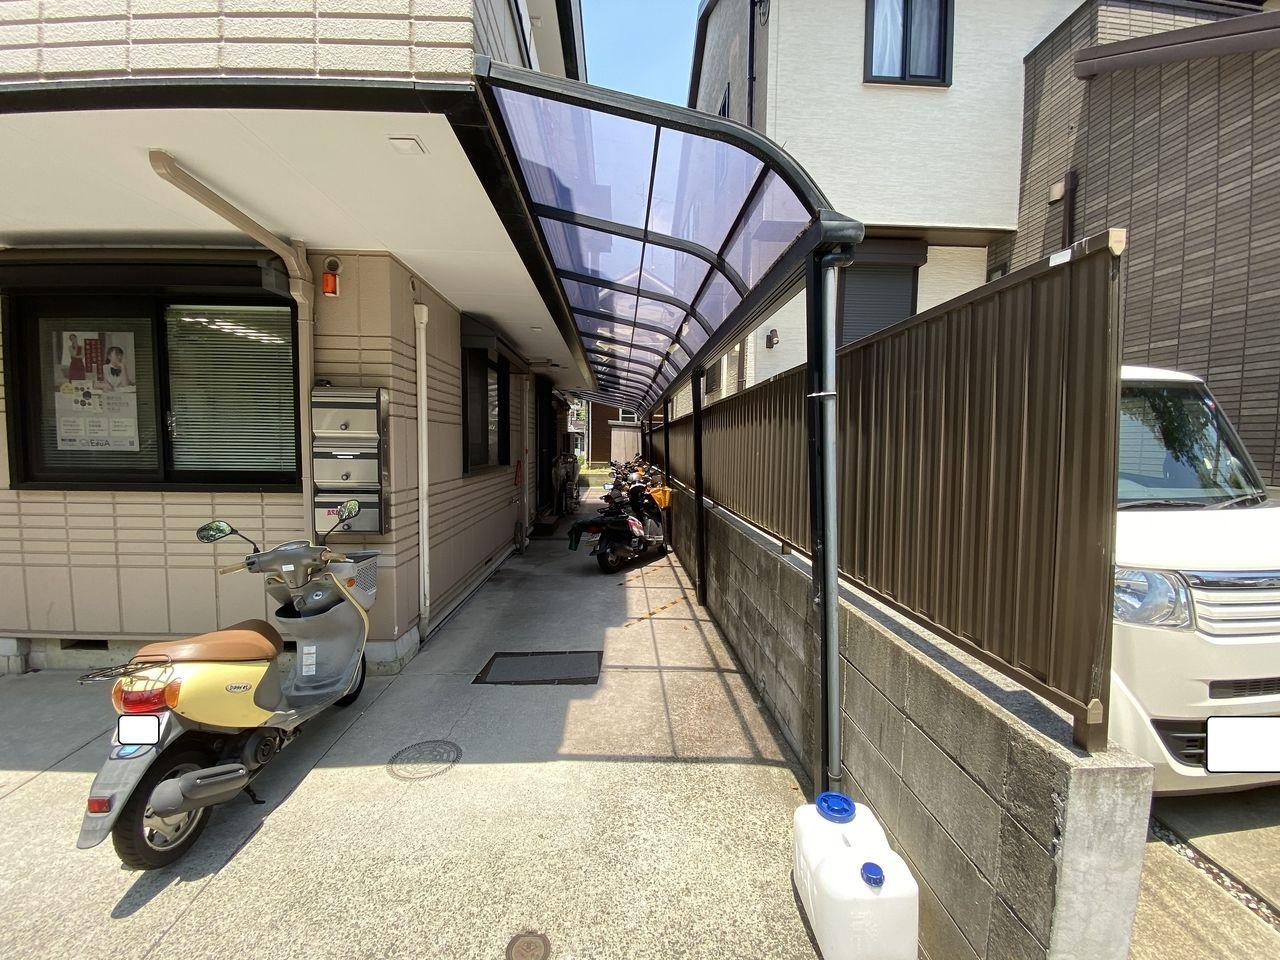 テナント募集中のクリニックに最適な青葉台駅から徒歩圏の横浜市青葉区桜台の貸店舗の外観。